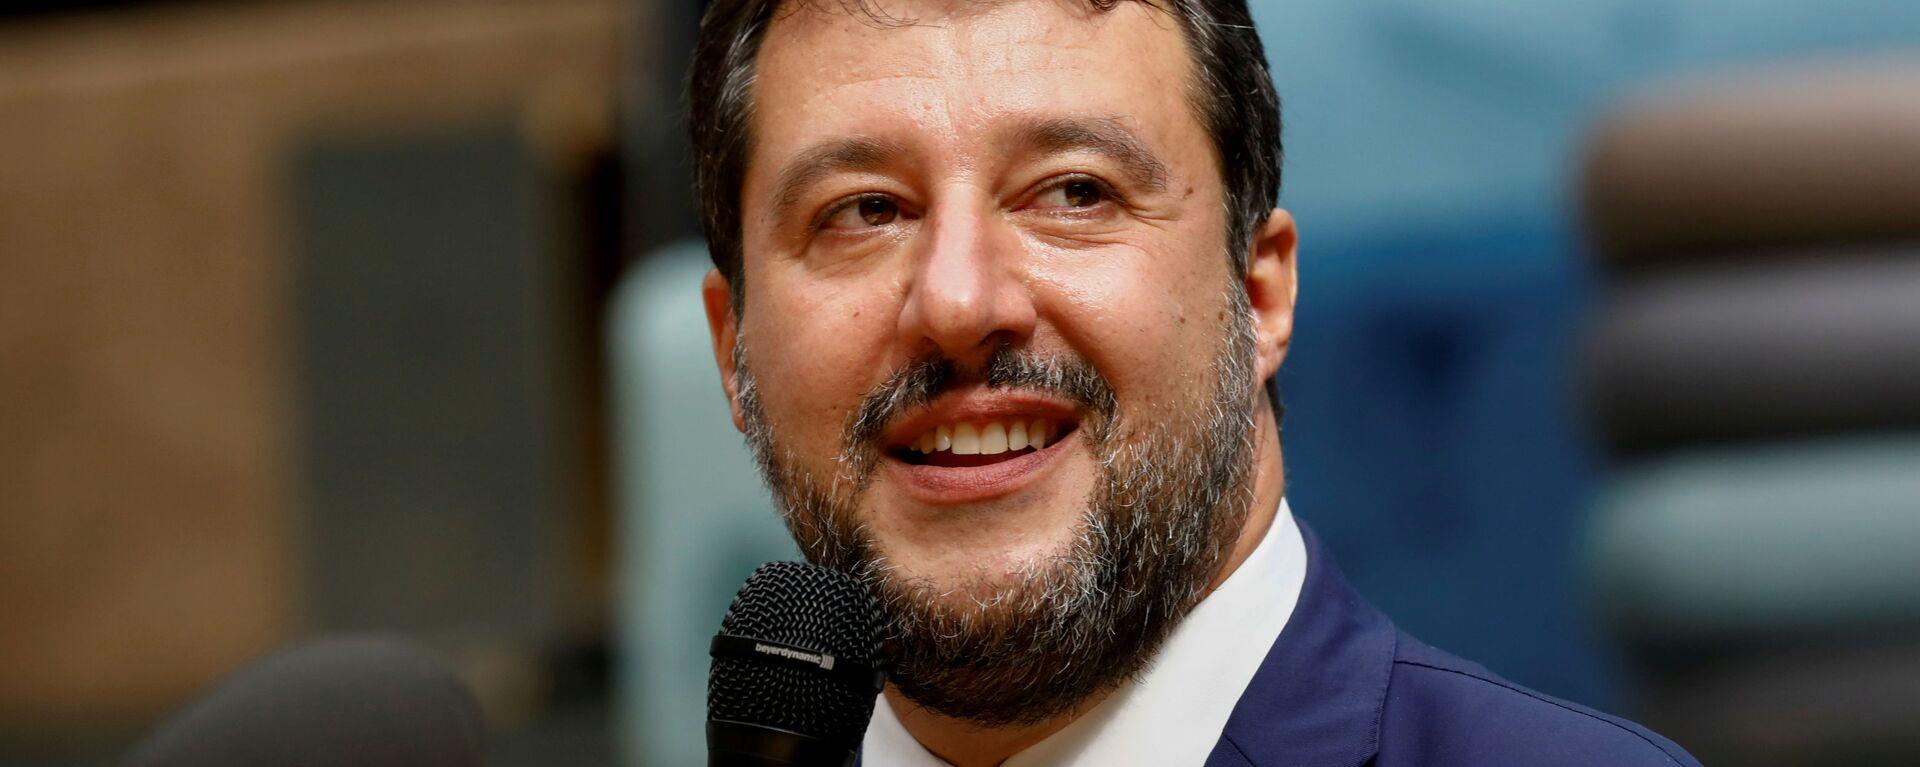 Matteo Salvini  - Sputnik Italia, 1920, 19.06.2021